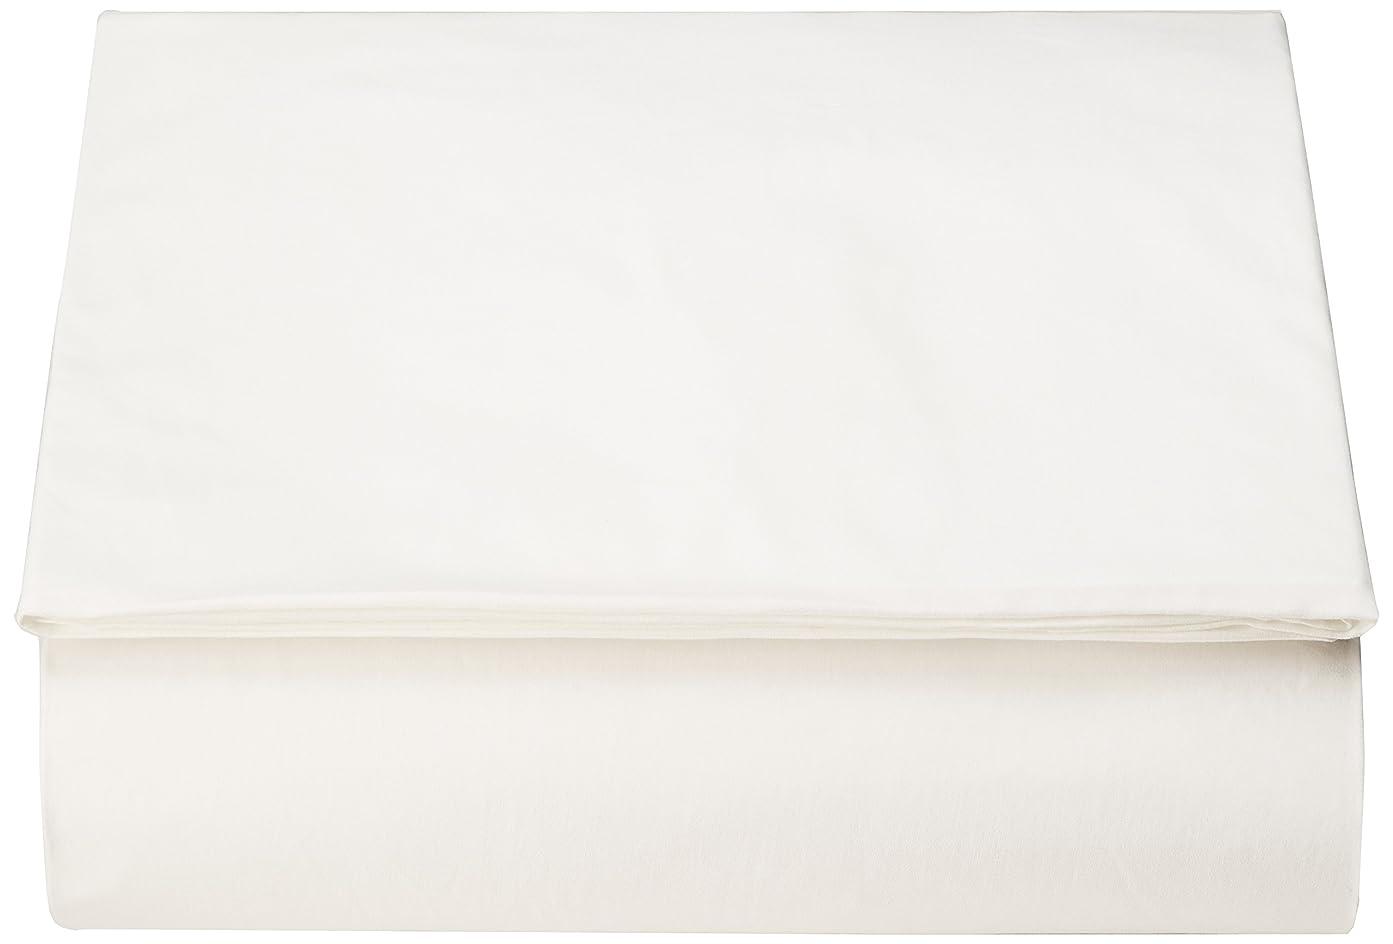 歌韓国語推進西川リビング <24+> ベッド フィッティ パック シーツ ワイド ダブル 155×200×40cm TFP-00 ホワイト 2120-00061